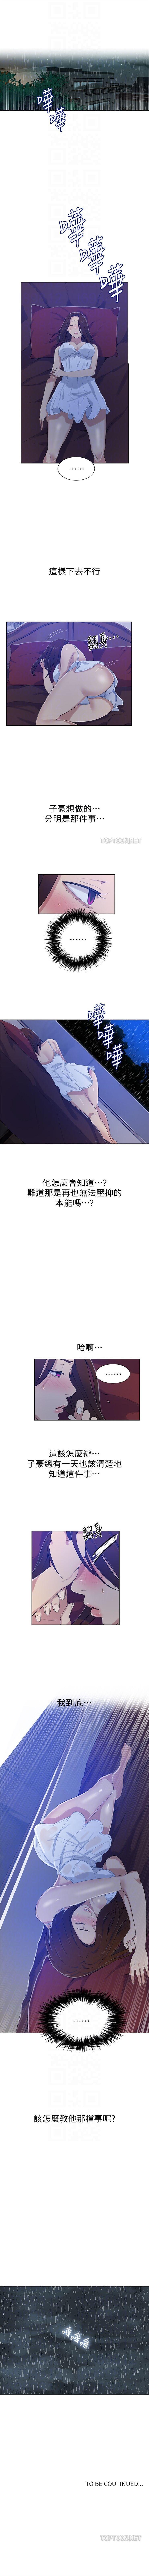 (週6)秘密教學  1-35 中文翻譯 (更新中) 139